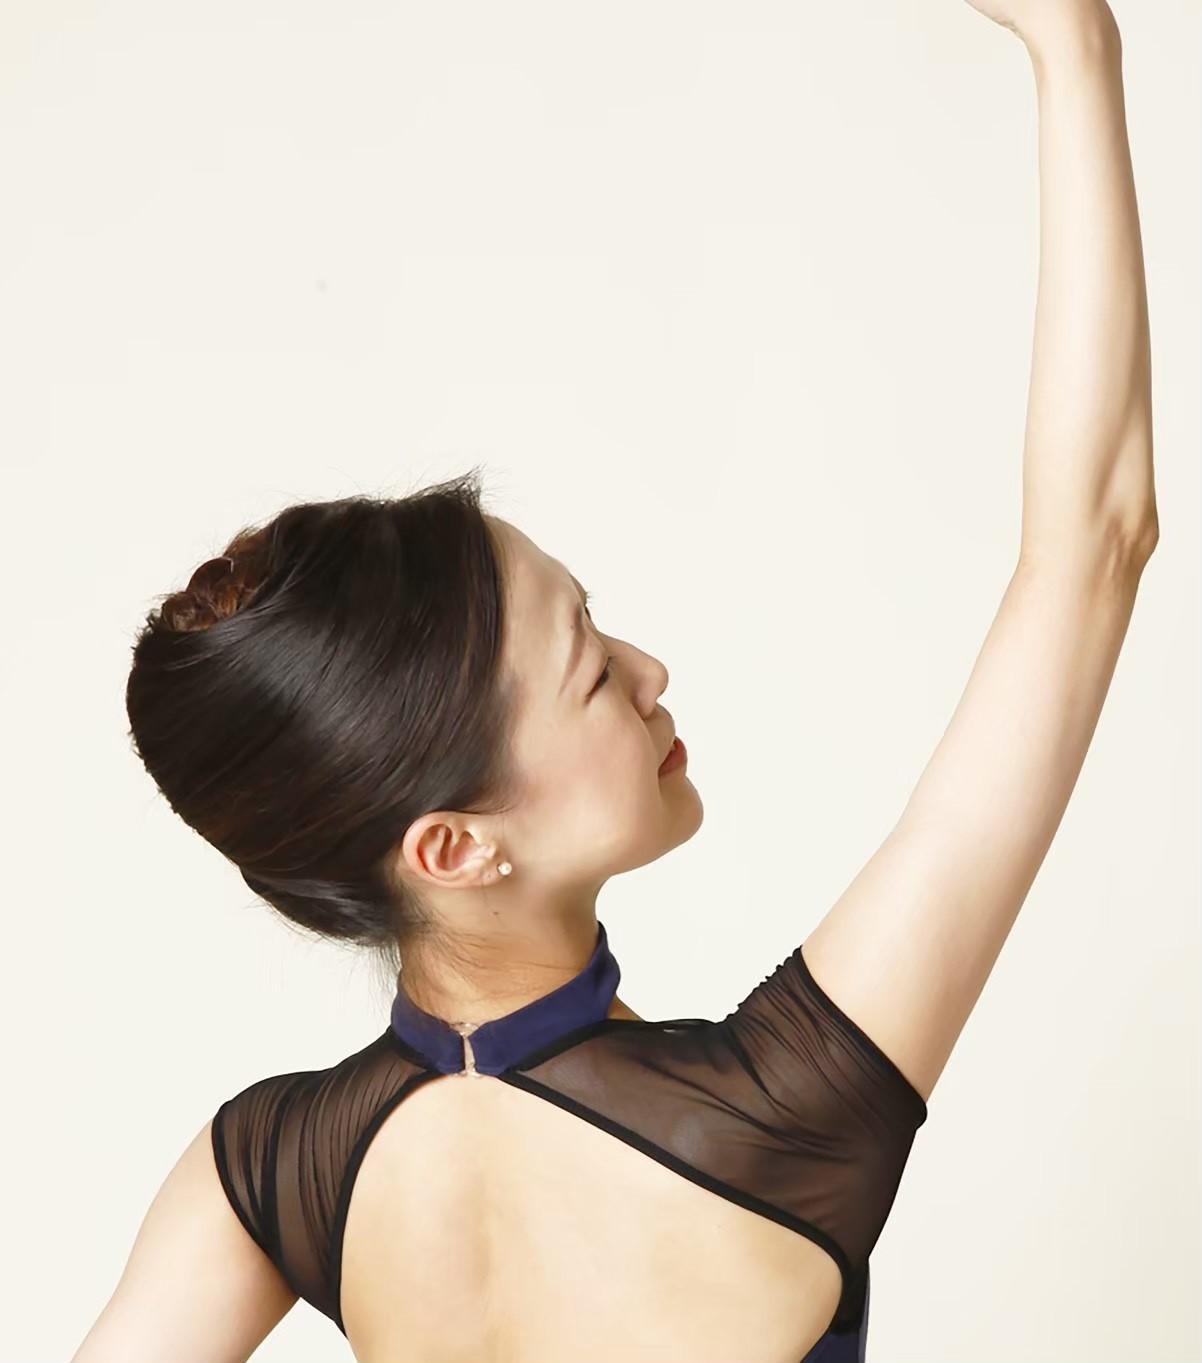 【Uターン×自分探し】 美を学び、私は、私自身を磨き続ける/ミガクバレエ 山形仕事図鑑